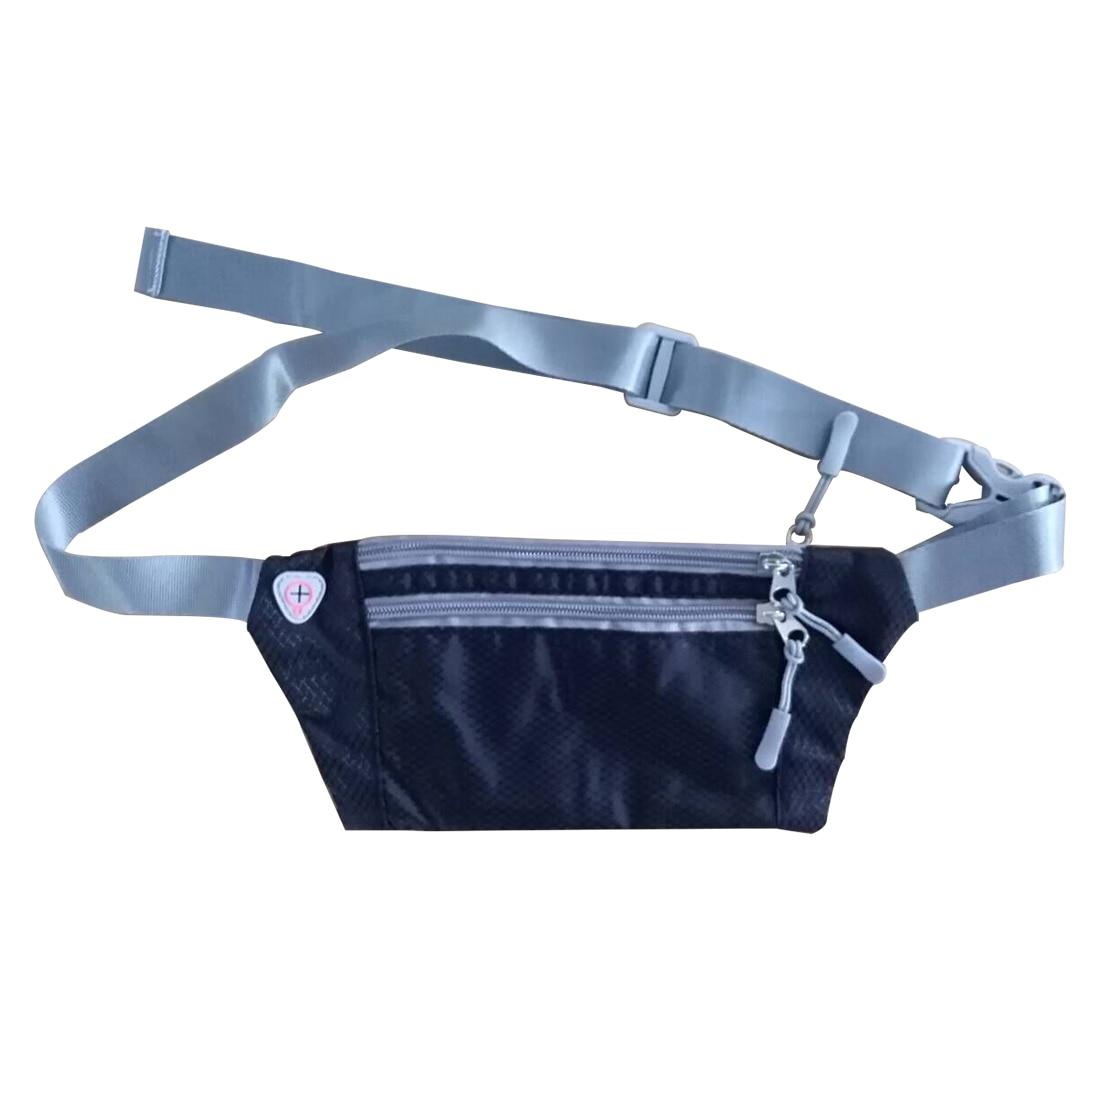 [해외]HU WAI JIAN FENG 4-6 인치 휴대 전화 가방 야외 스포츠 러닝 가방 유니버설 크기 야외 스포츠 허리 가방 - 블랙/HU WAI JIAN FENG 4-6 inch Mobile Phone Bag outdoor sport Running bag Unive